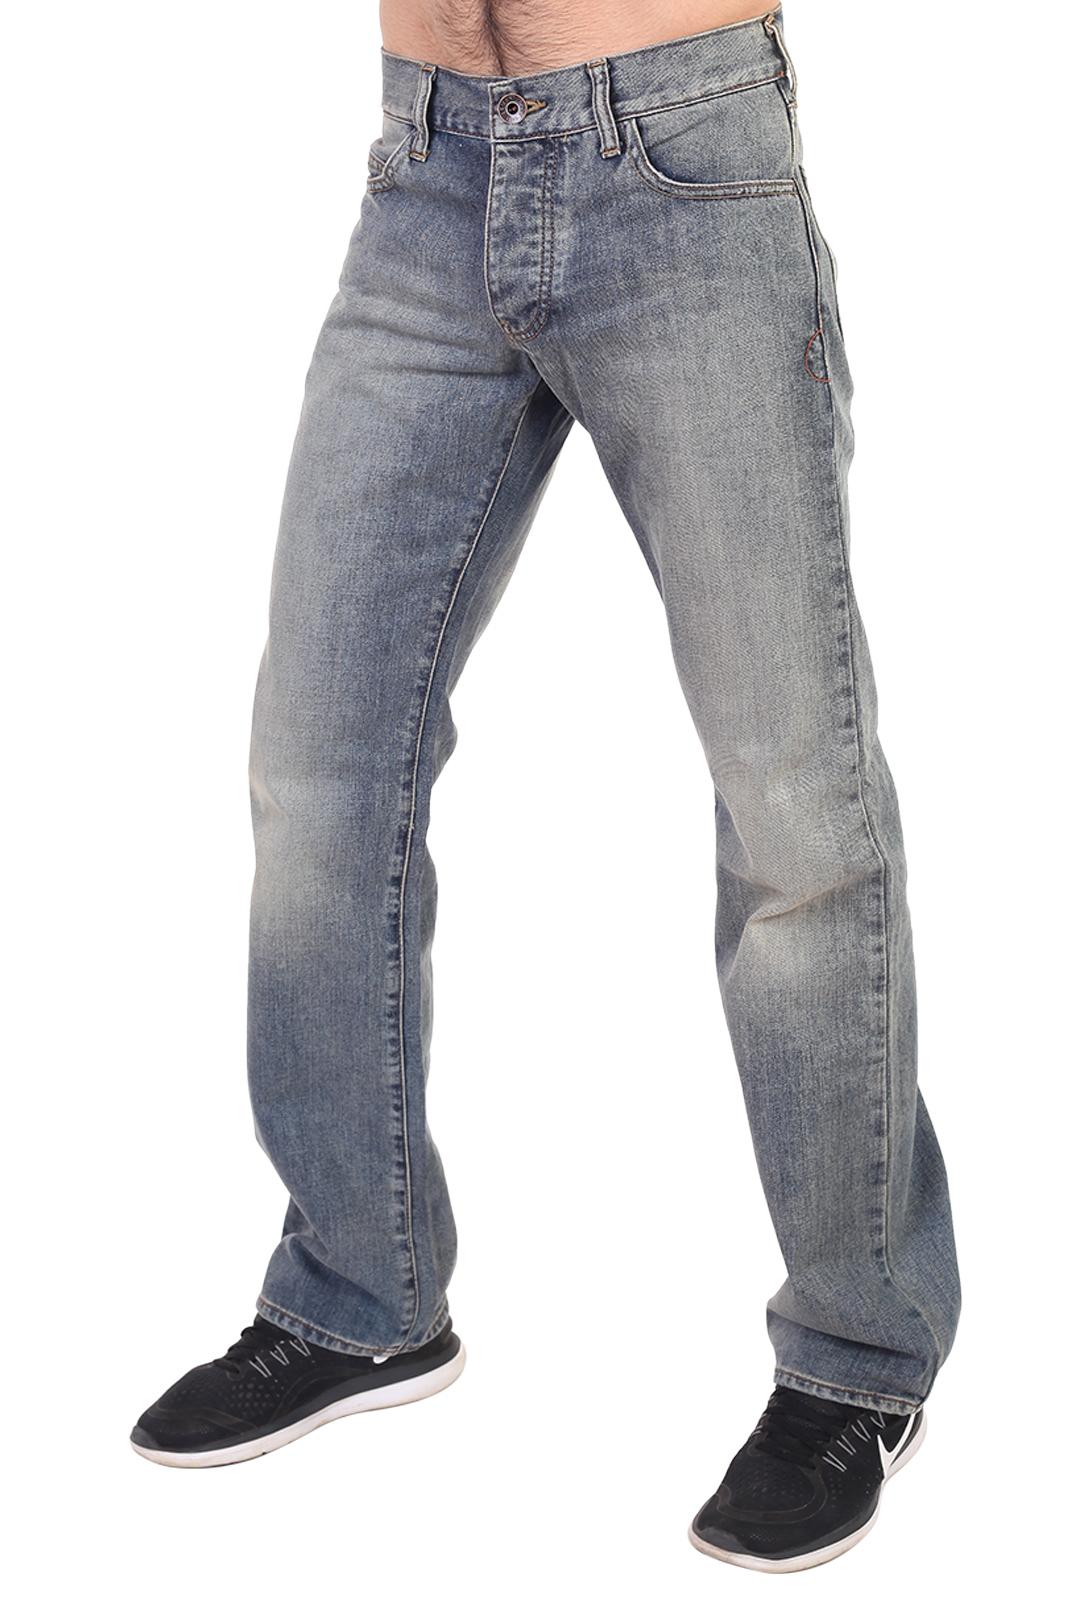 Купить в Москве мужские джинсы